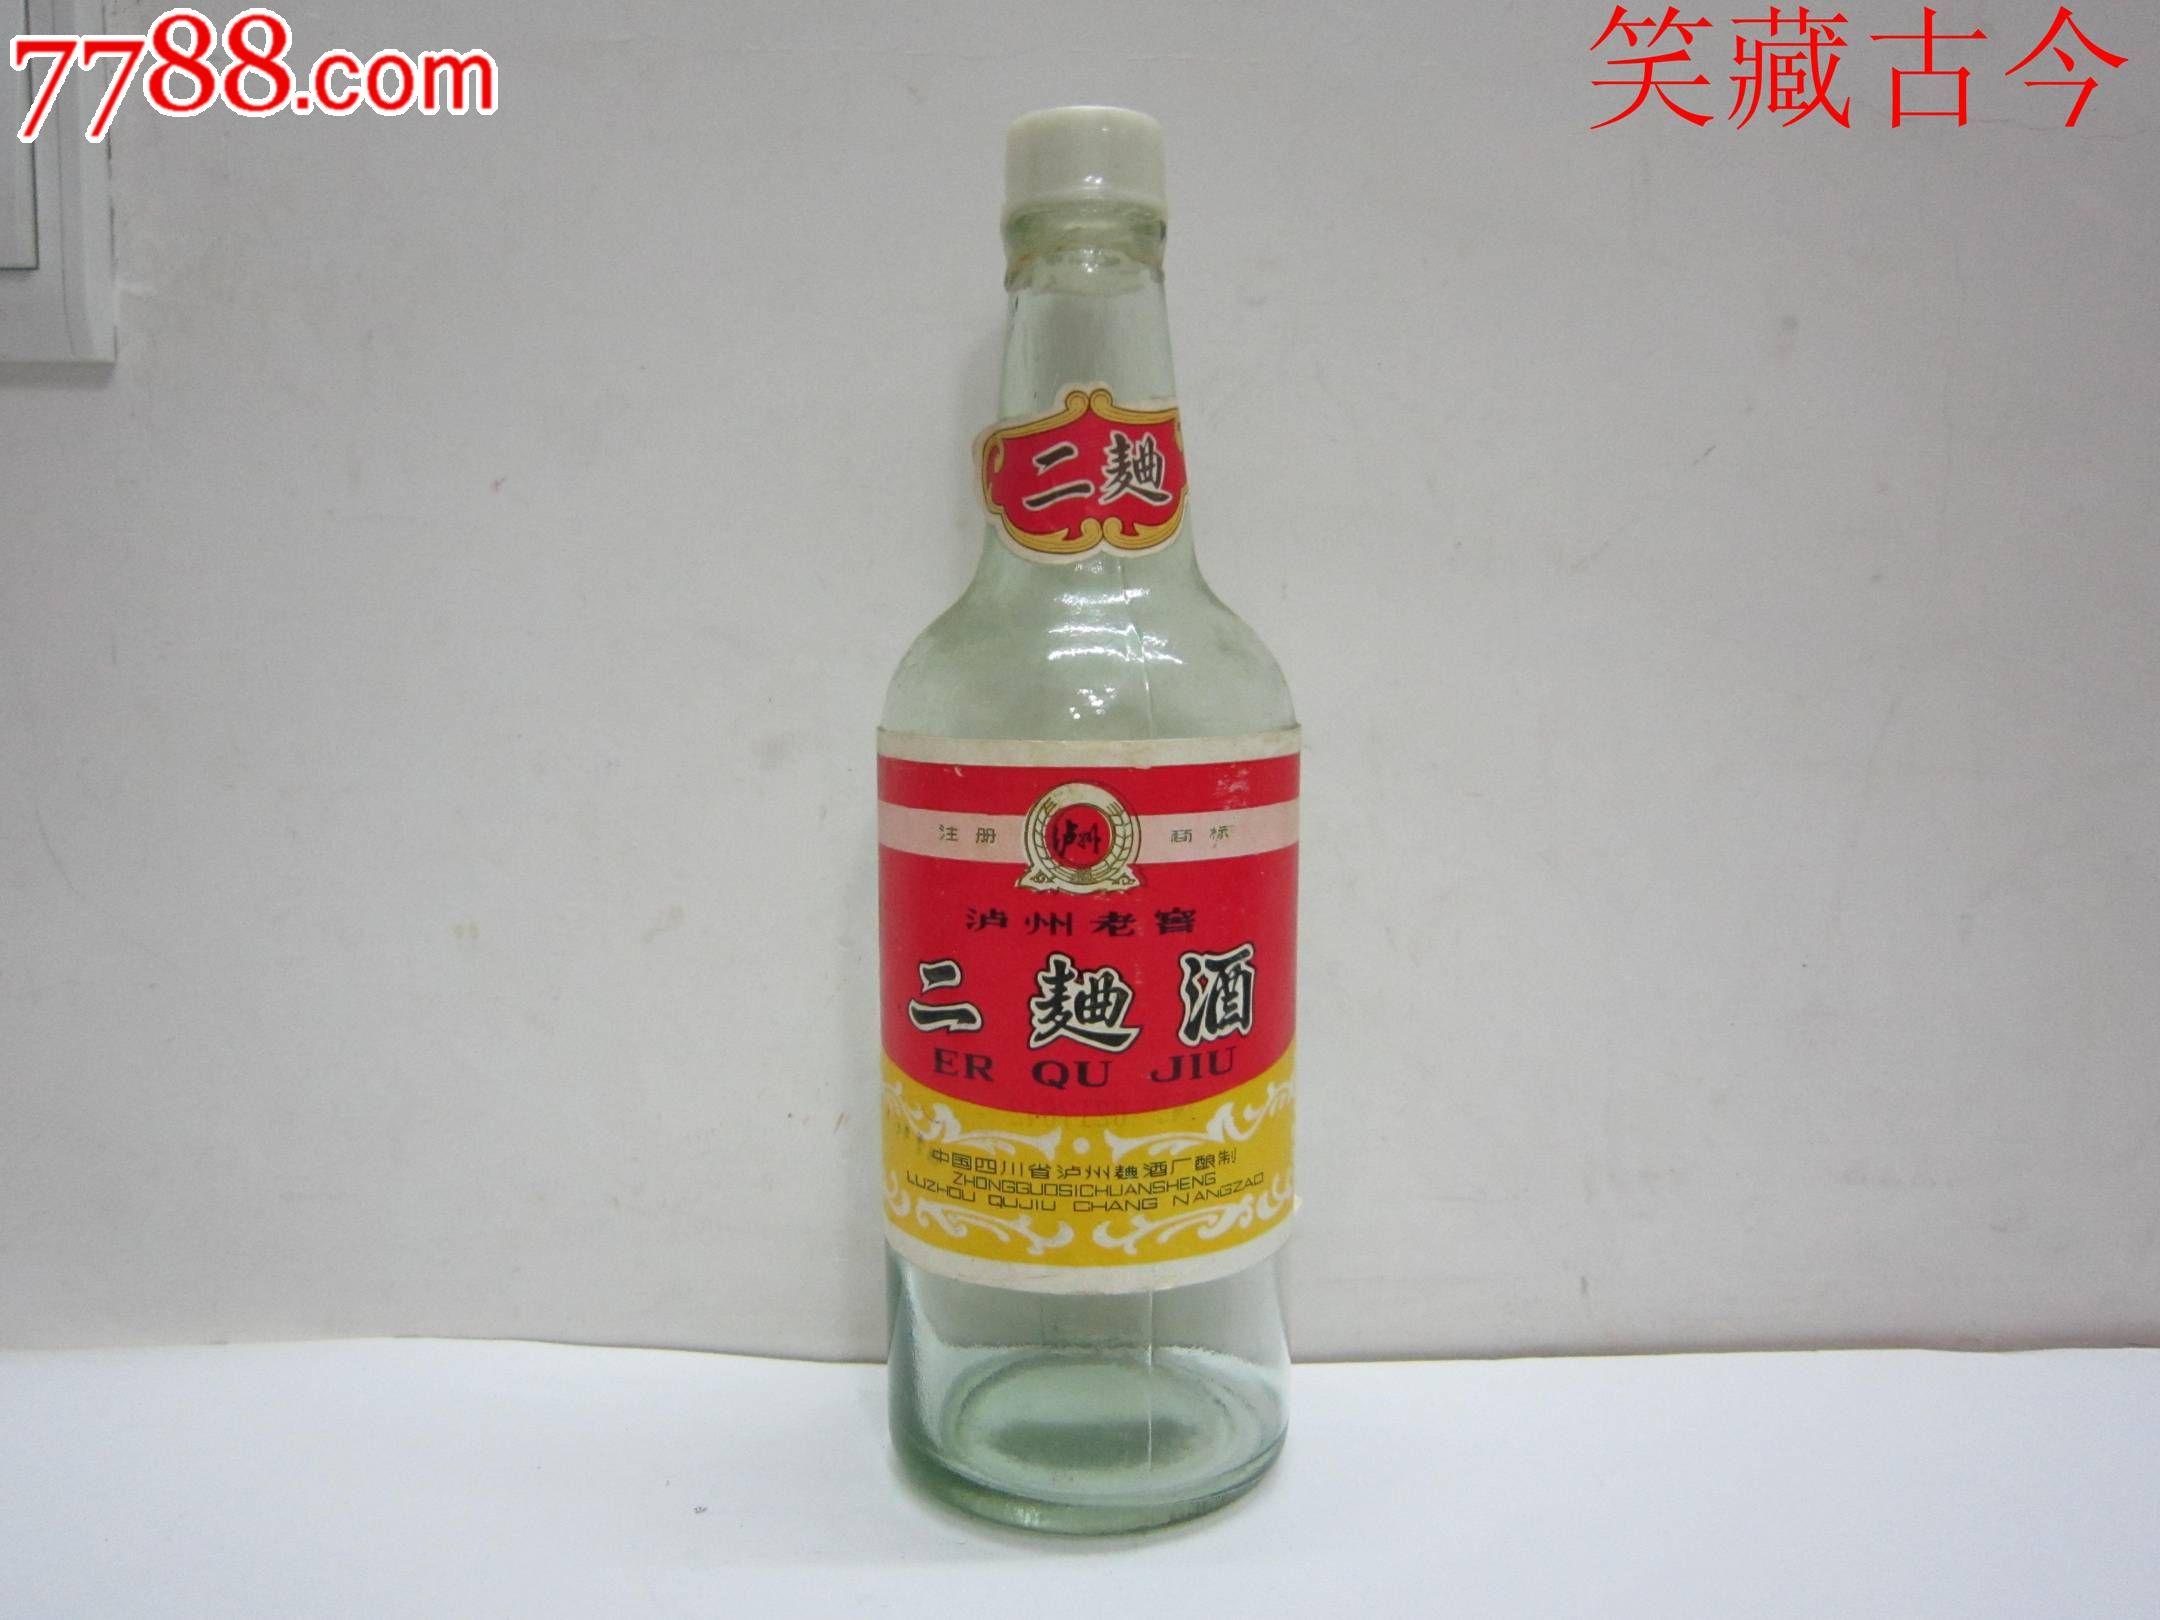 泸州老窖二曲空瓶图片